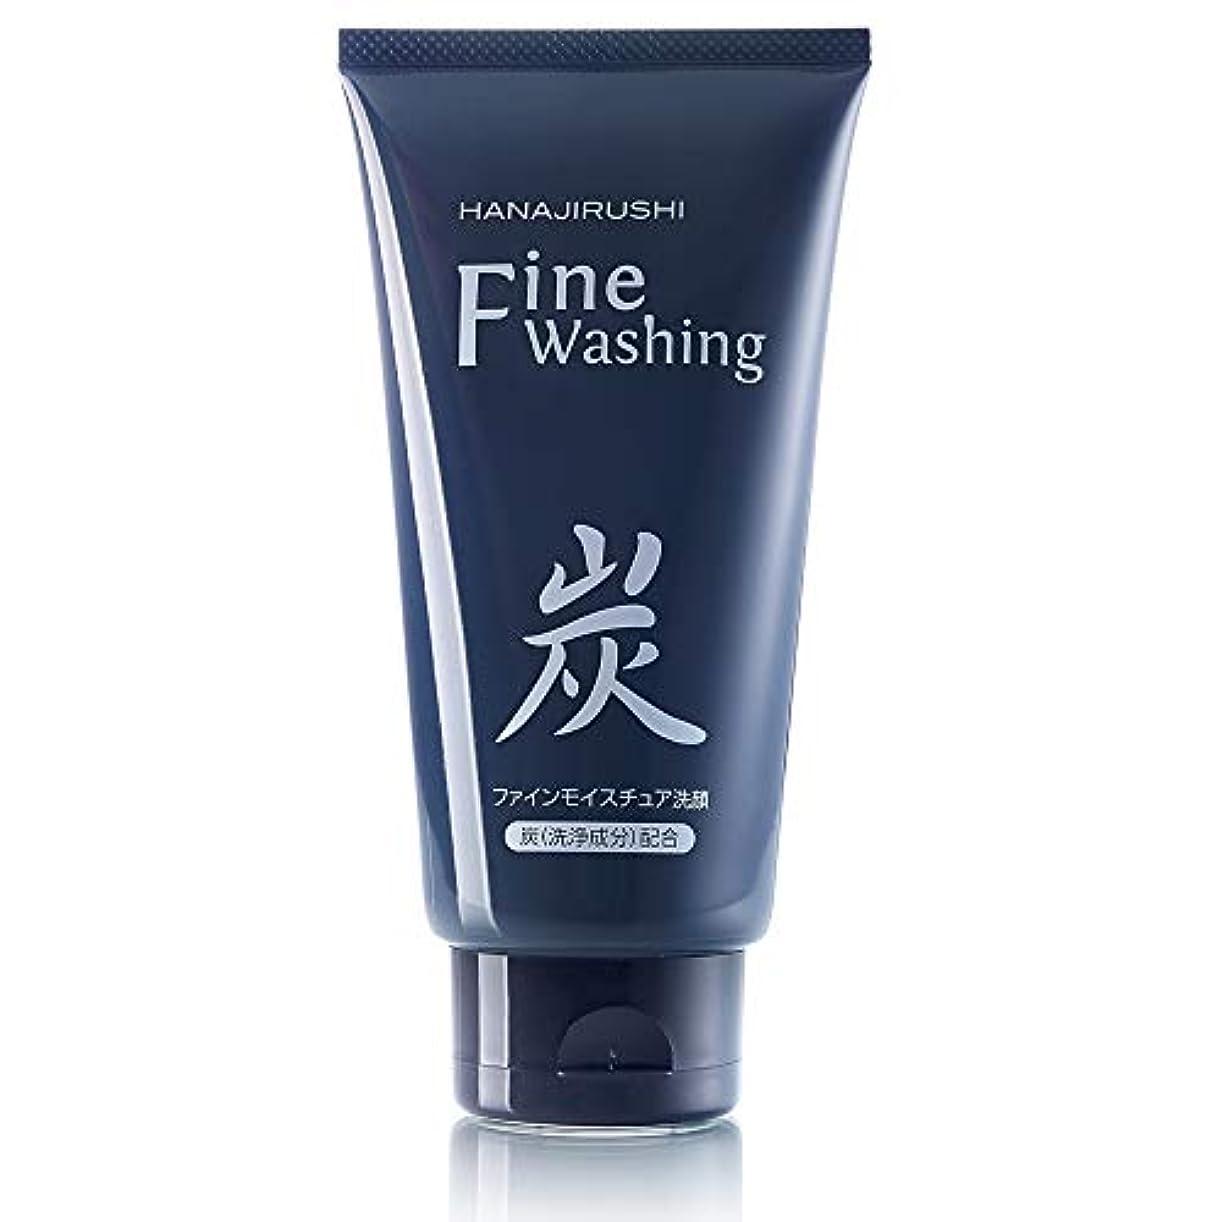 作者の配列事前に花印 備長炭 脂性肌 洗顔フォーム 120g